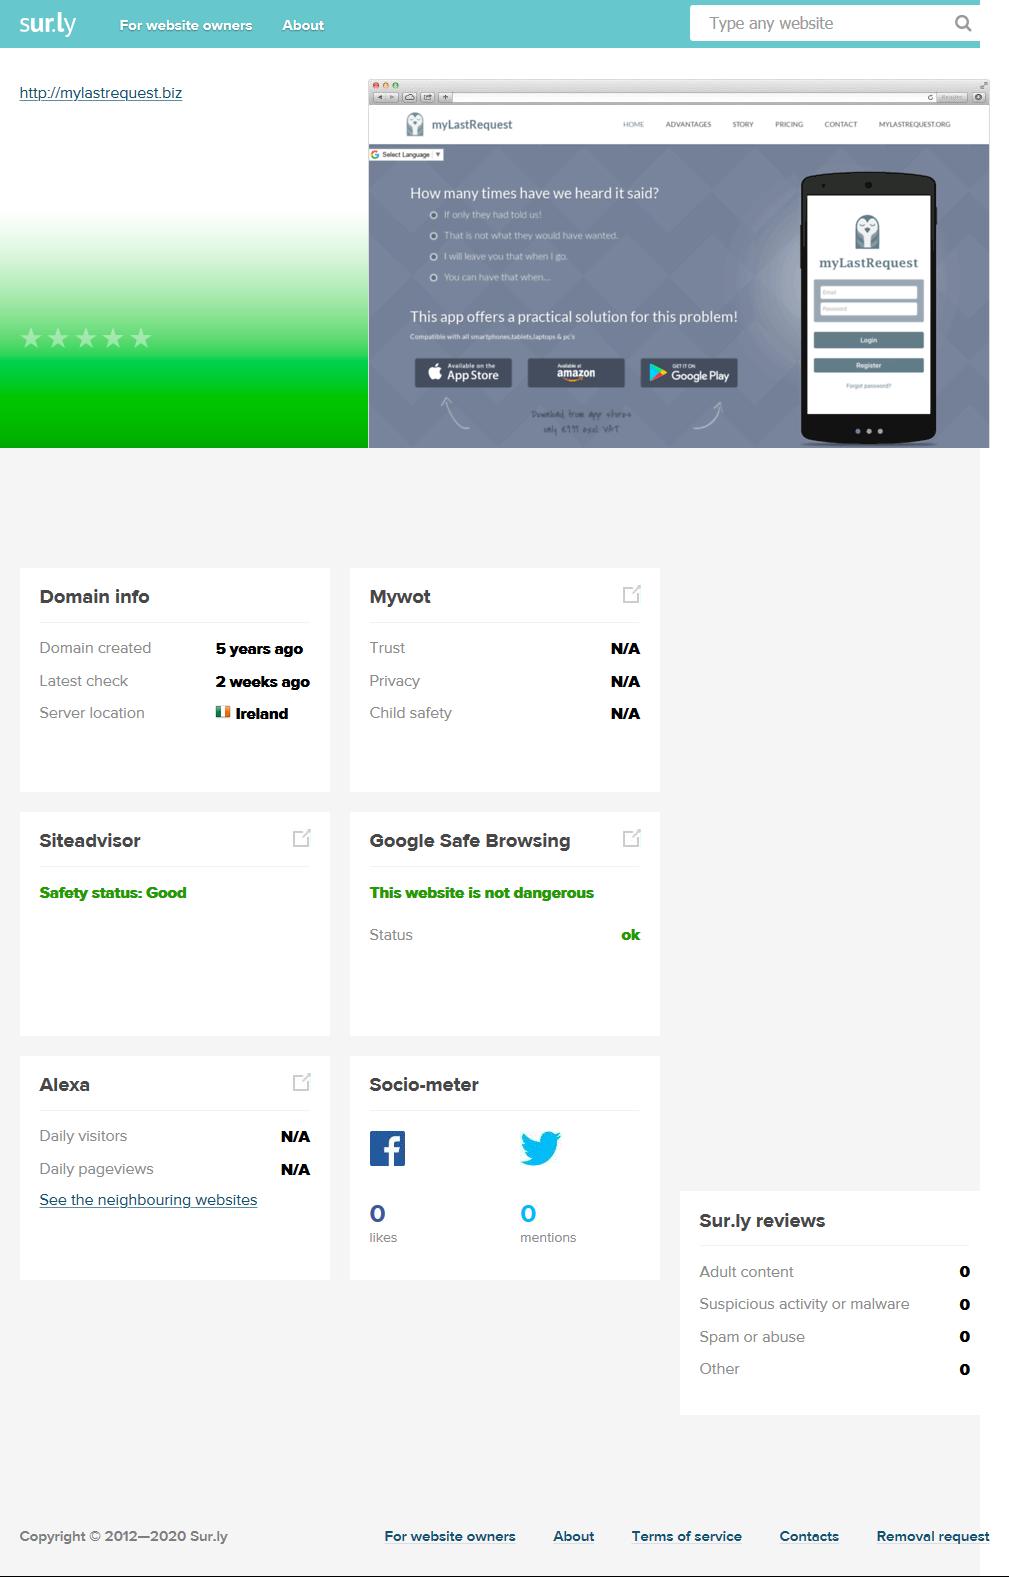 Screenshot_2020-03-30 mylastrequest biz - Mylastrequestpng